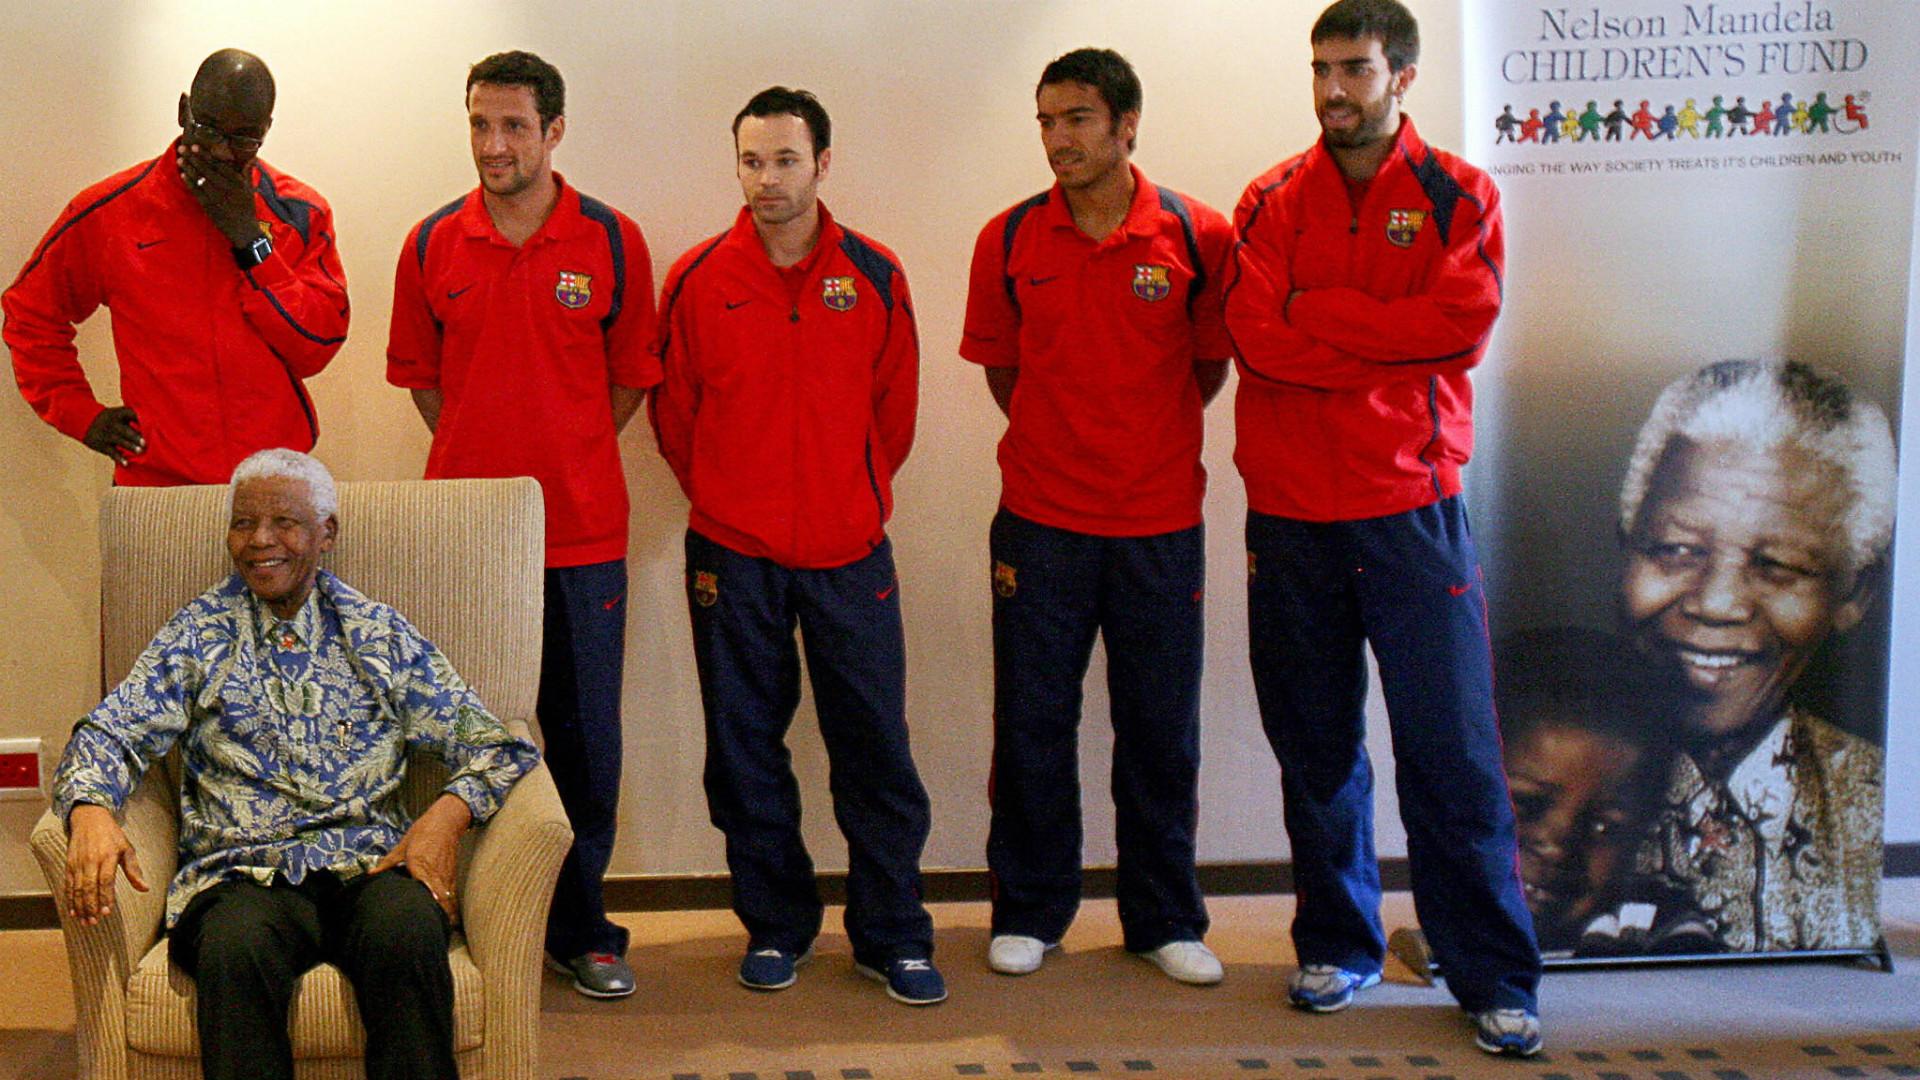 En 2007 Oleguer fue uno de los embajadores del Barcelona en la visita a Nelson Mandela.